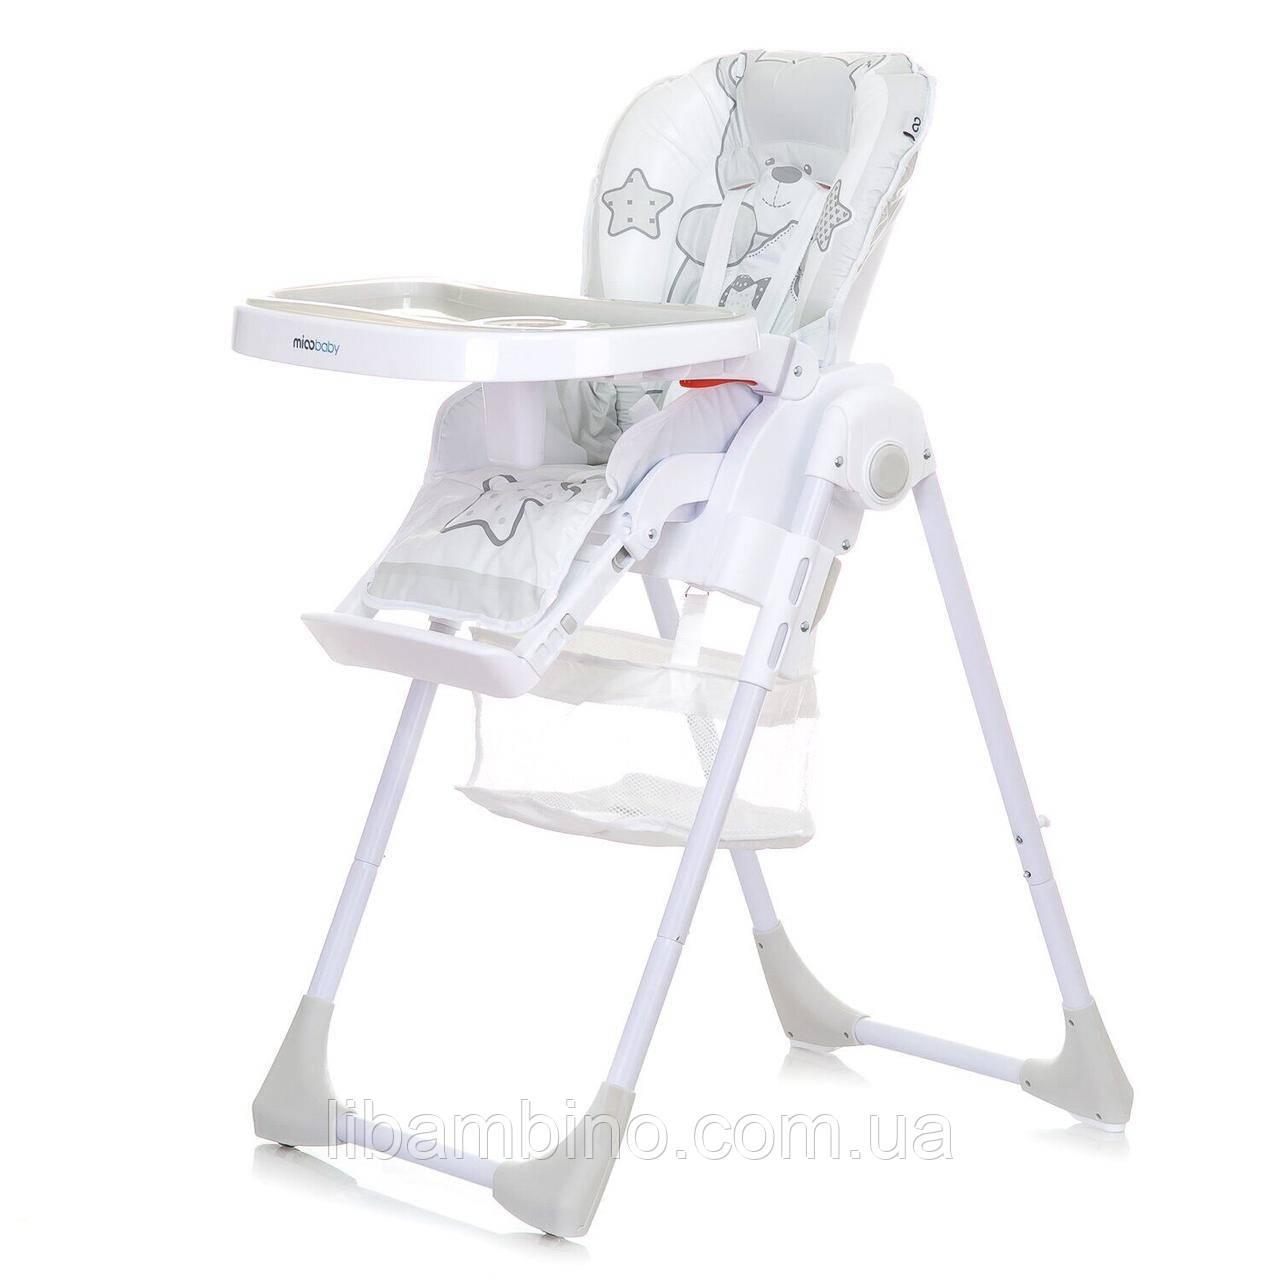 Дитячий універсальний стільчик для годування Mioobaby Teddy  - White